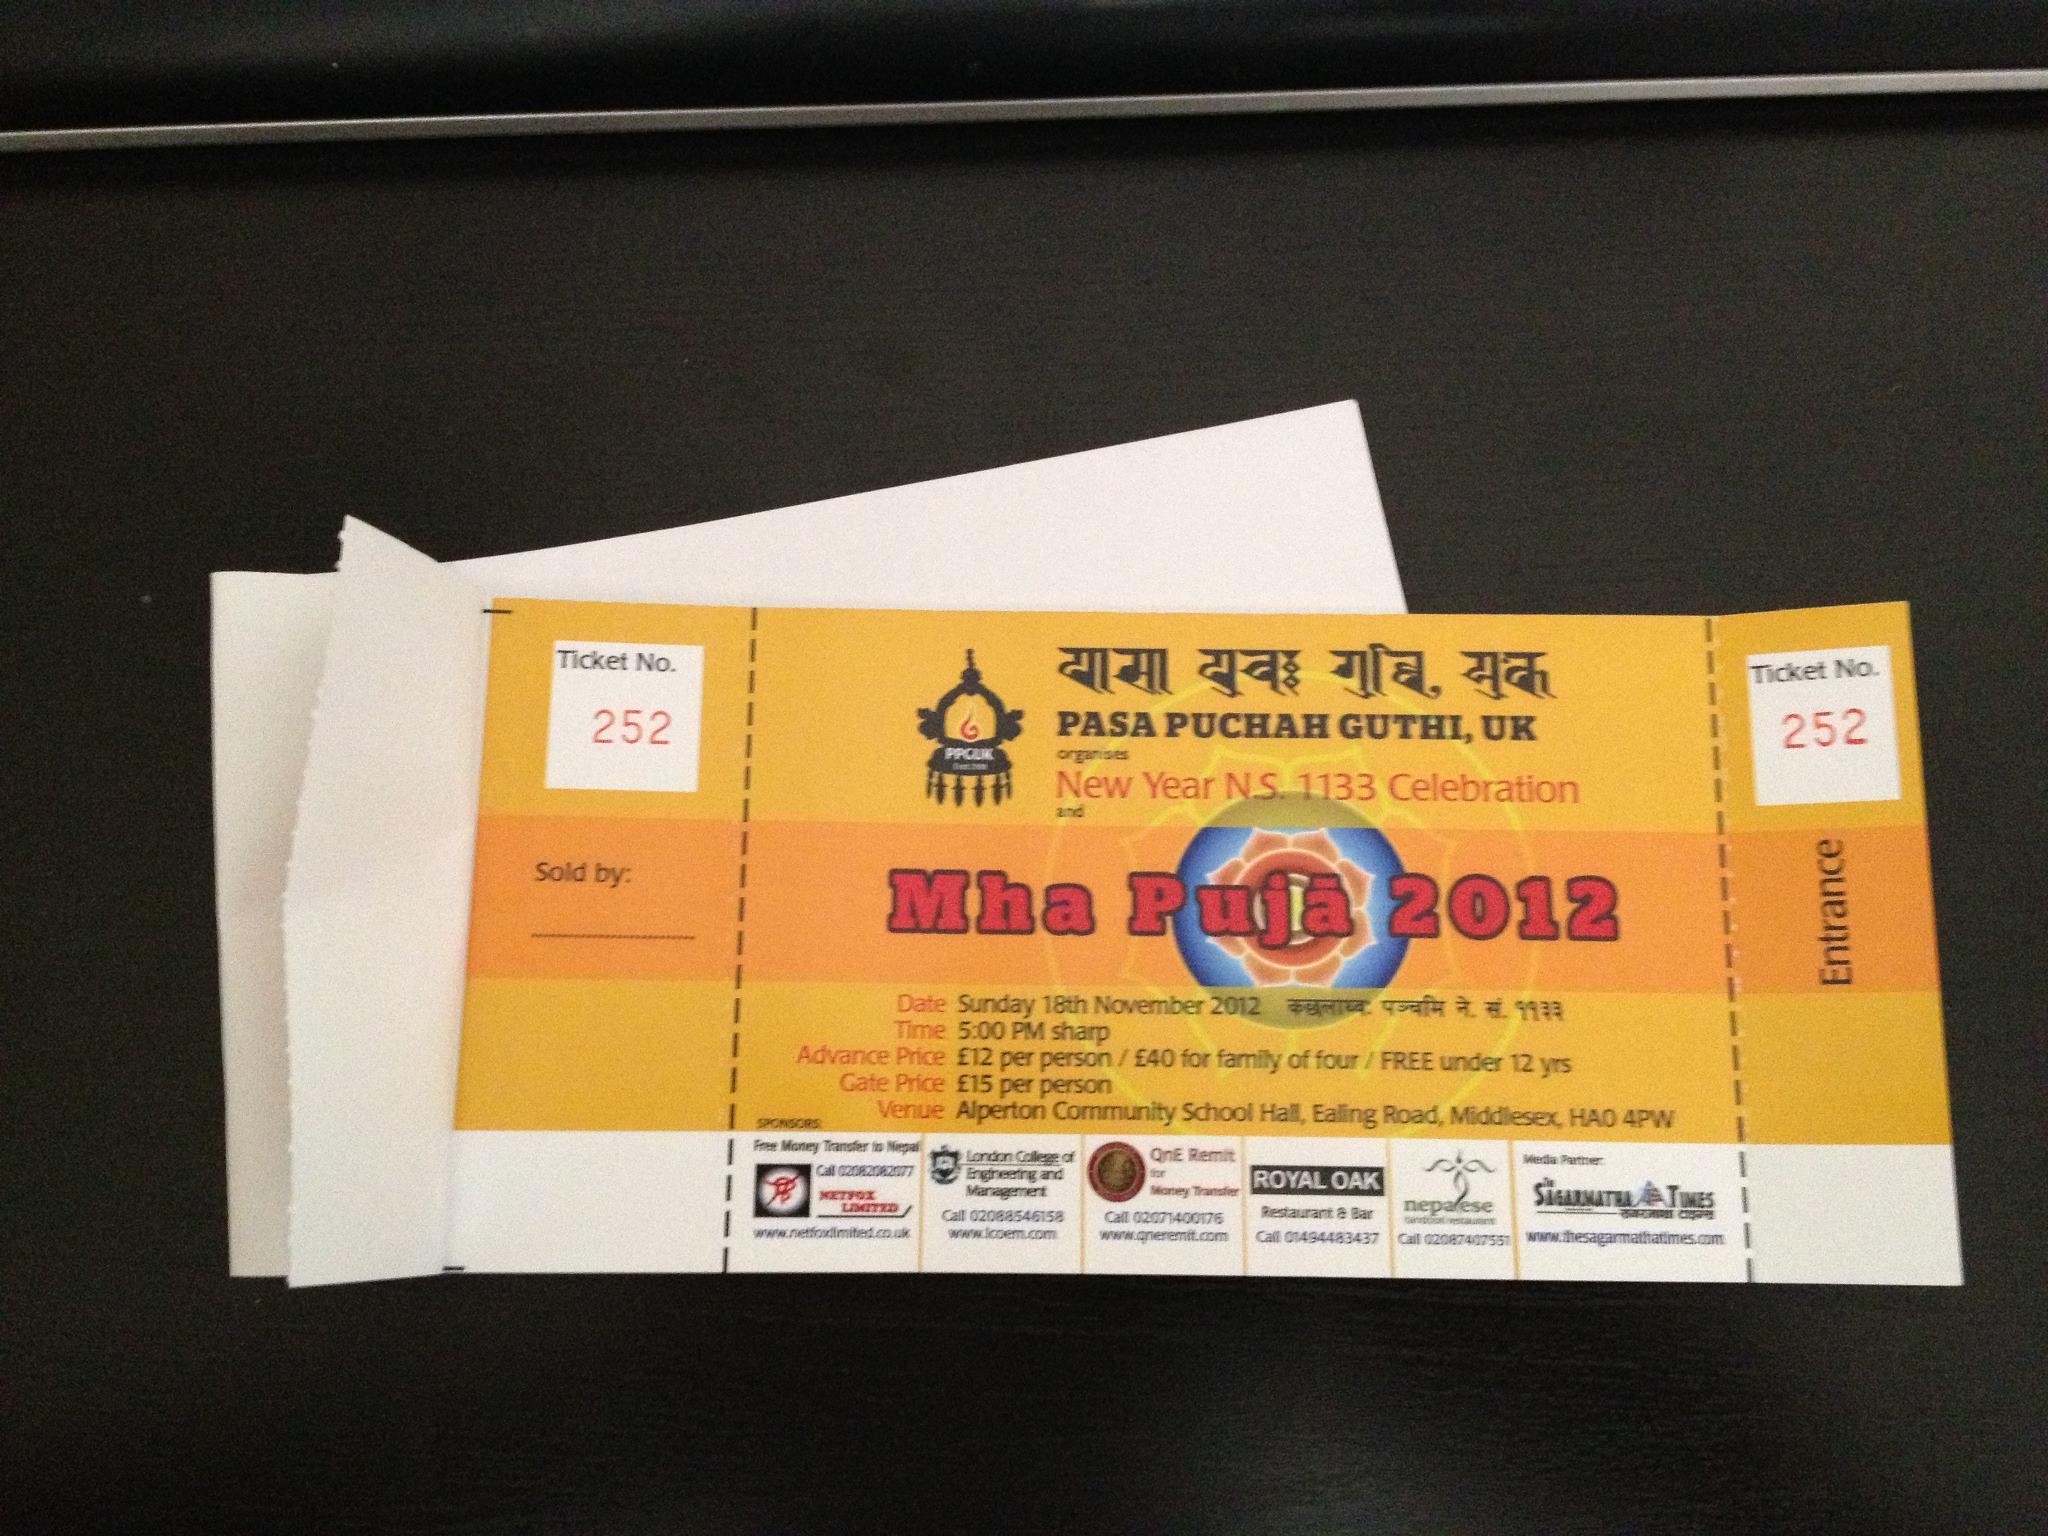 Mha Puja 2012 | Tickets On Sale